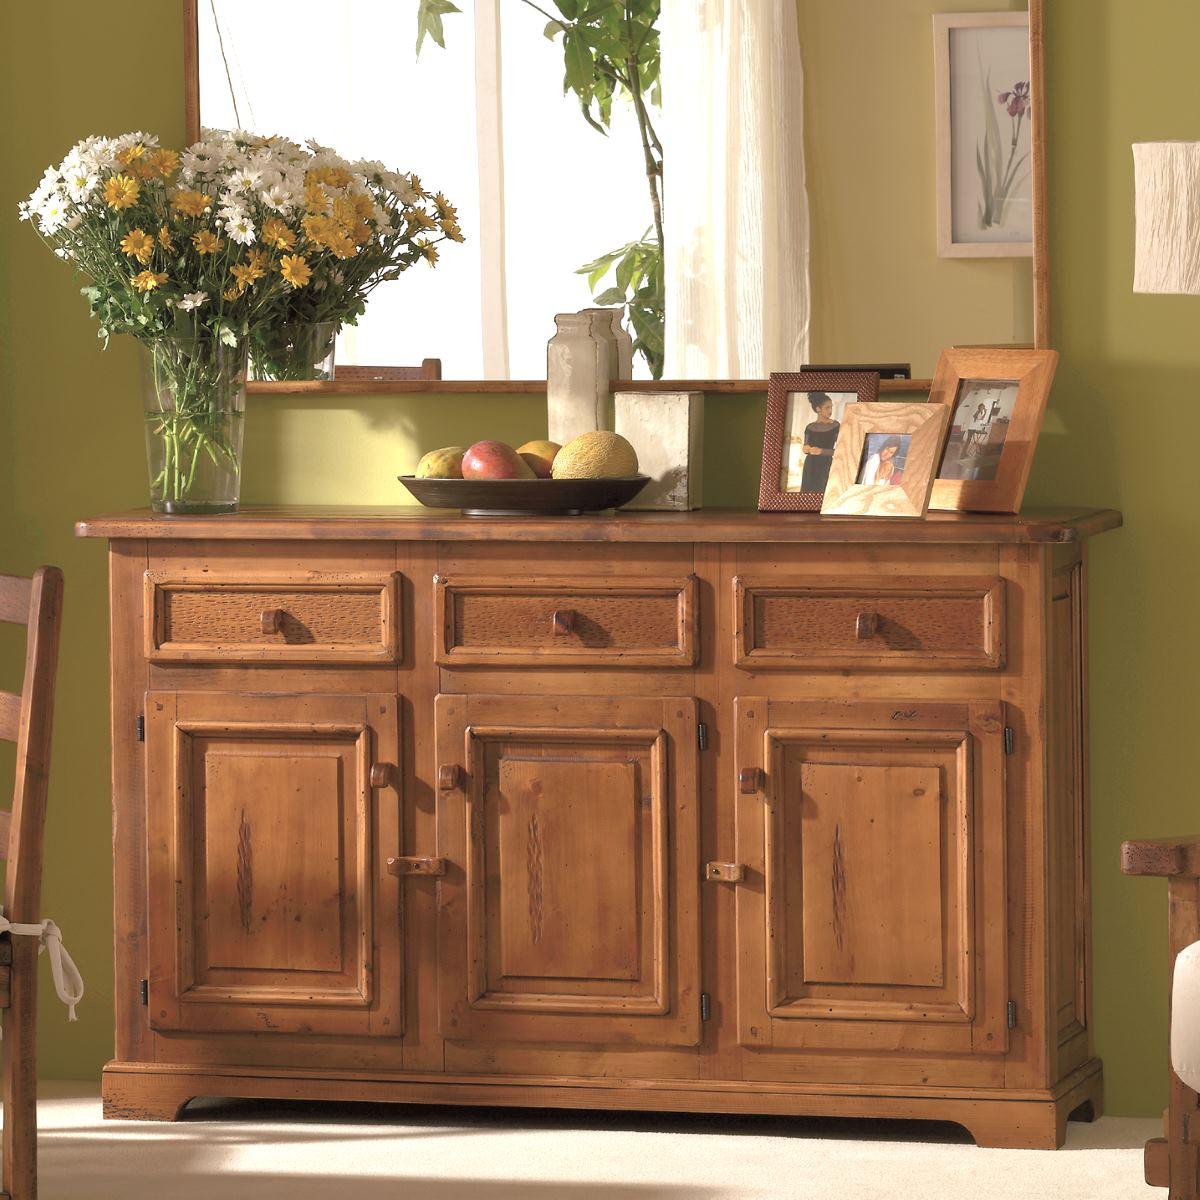 Aparador rústico de madera 159cm. Ecorústico: venta de muebles